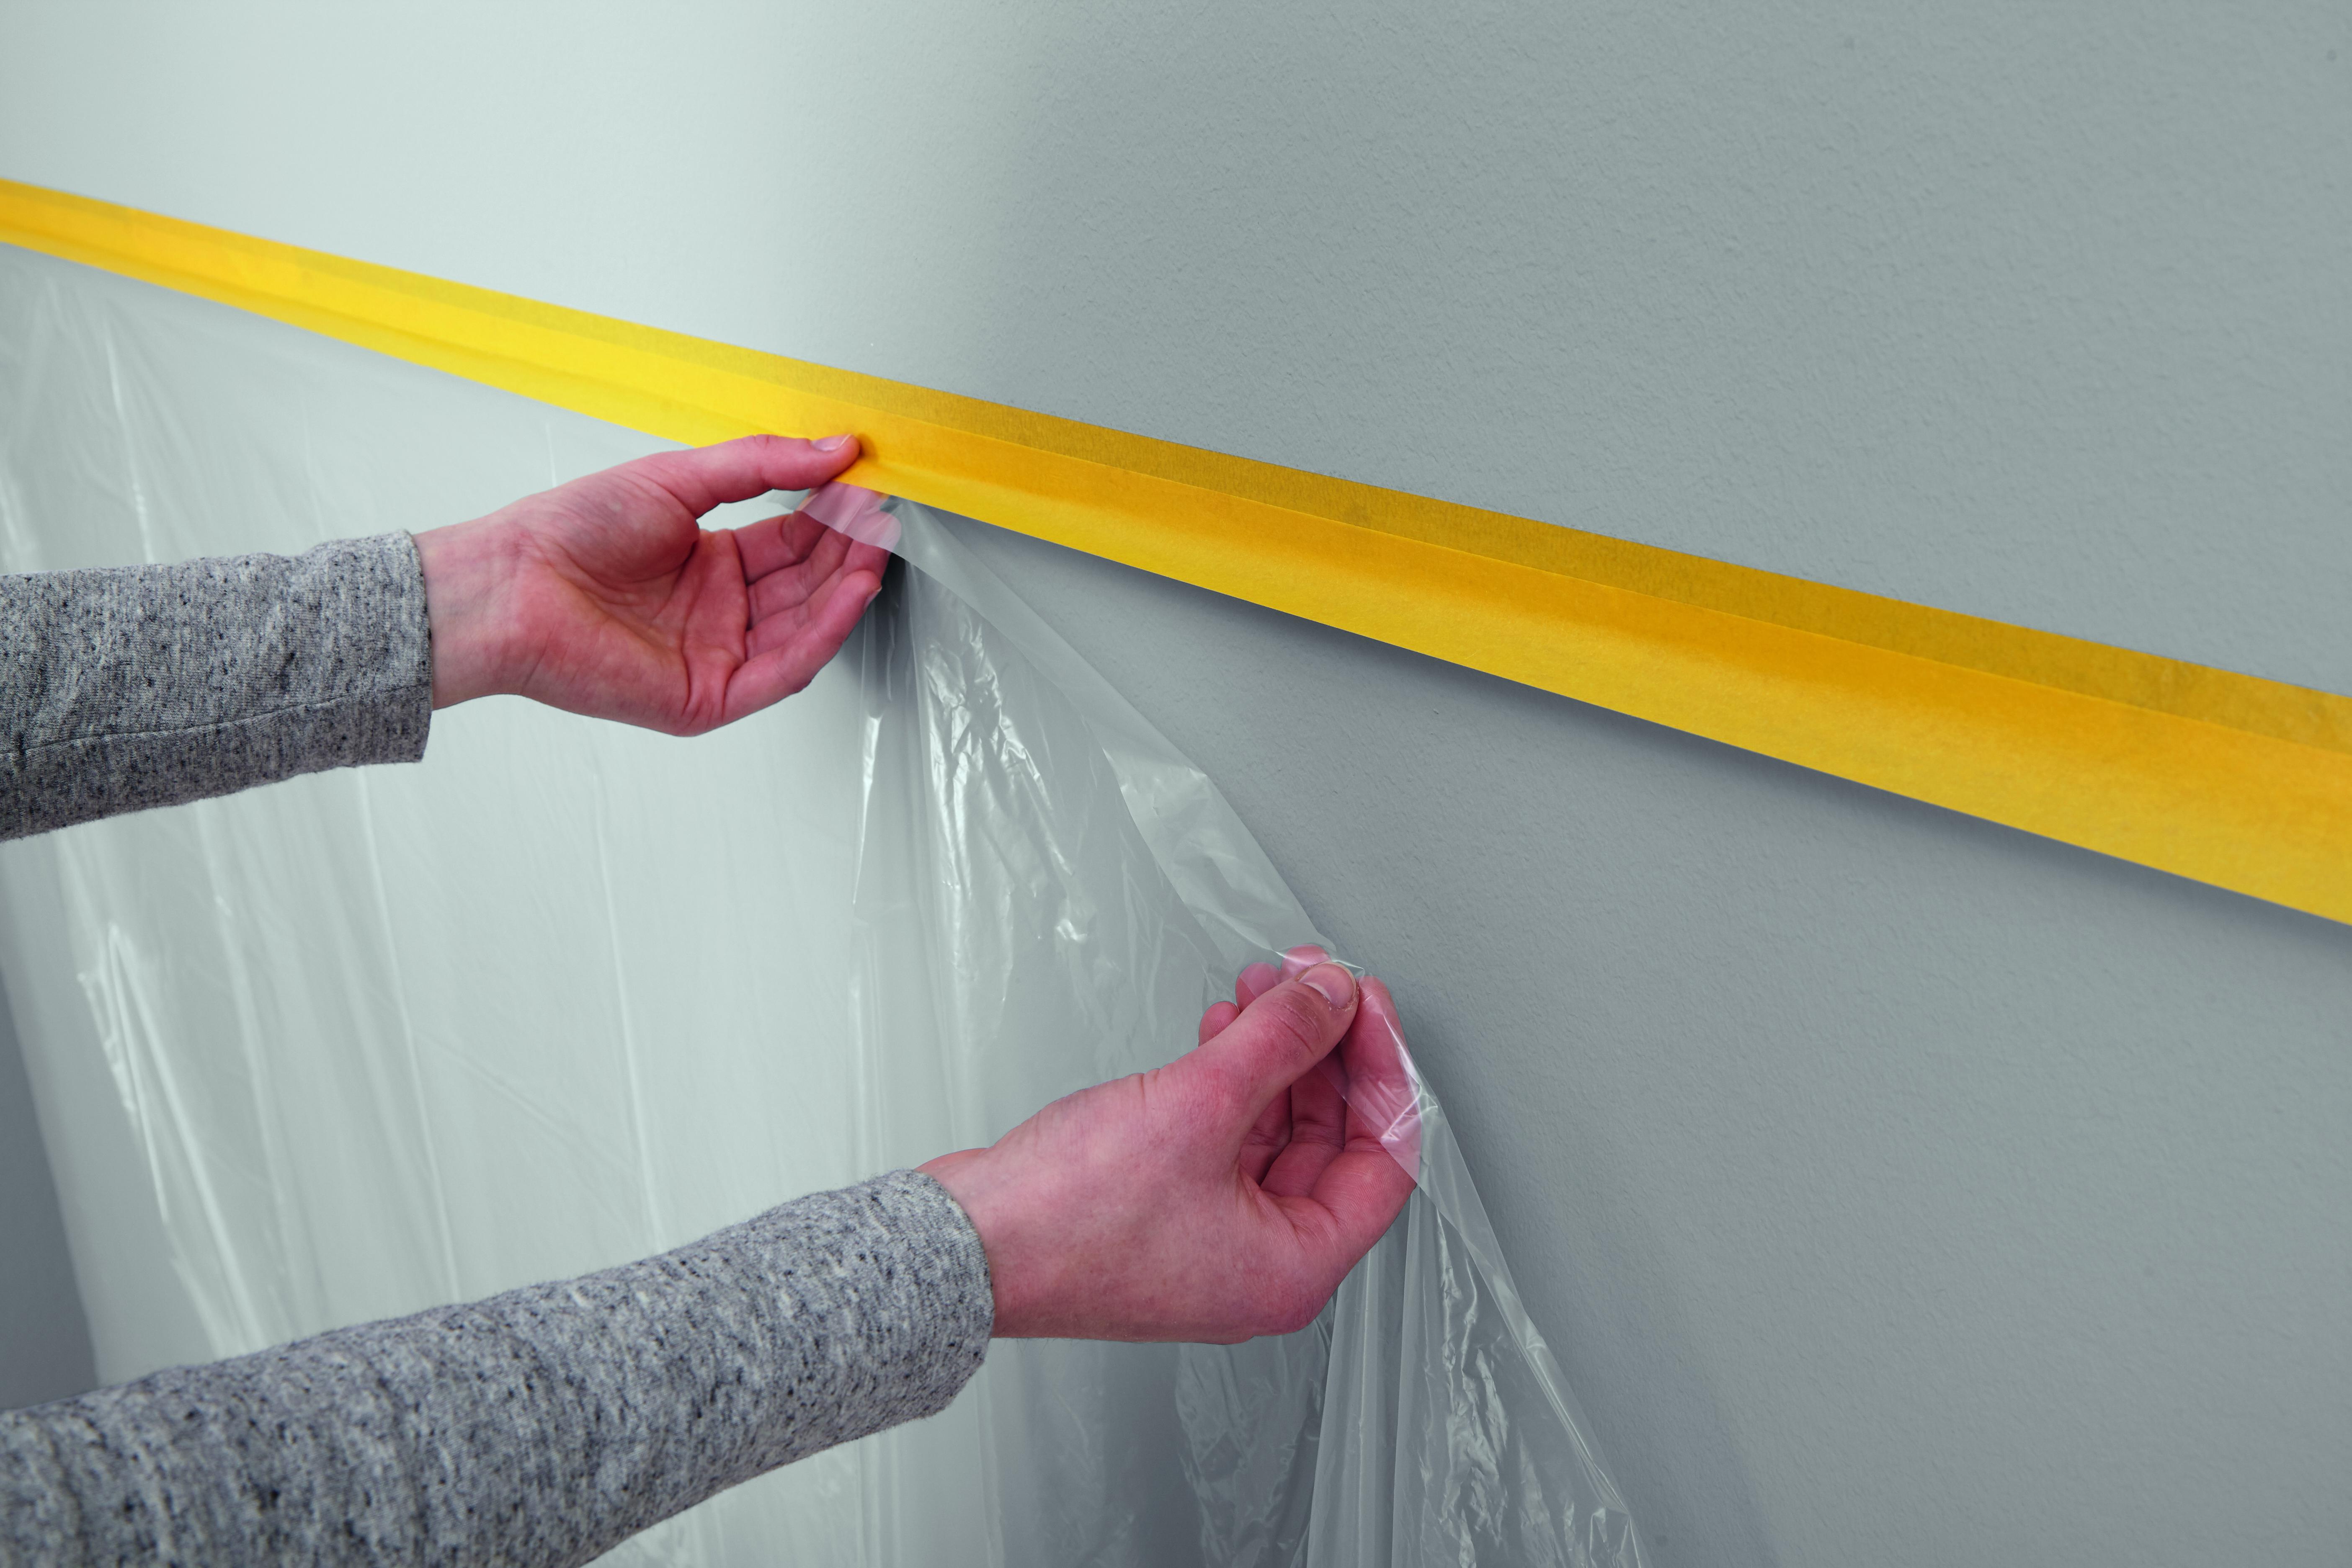 Eine Malerfolie An Den Zur Hälfte Abstehenden Klebestreifen Kleben. Diese  Folie Wird In Den Folgenden Schritten Die Wand Vor Farbspritzern Schützen.